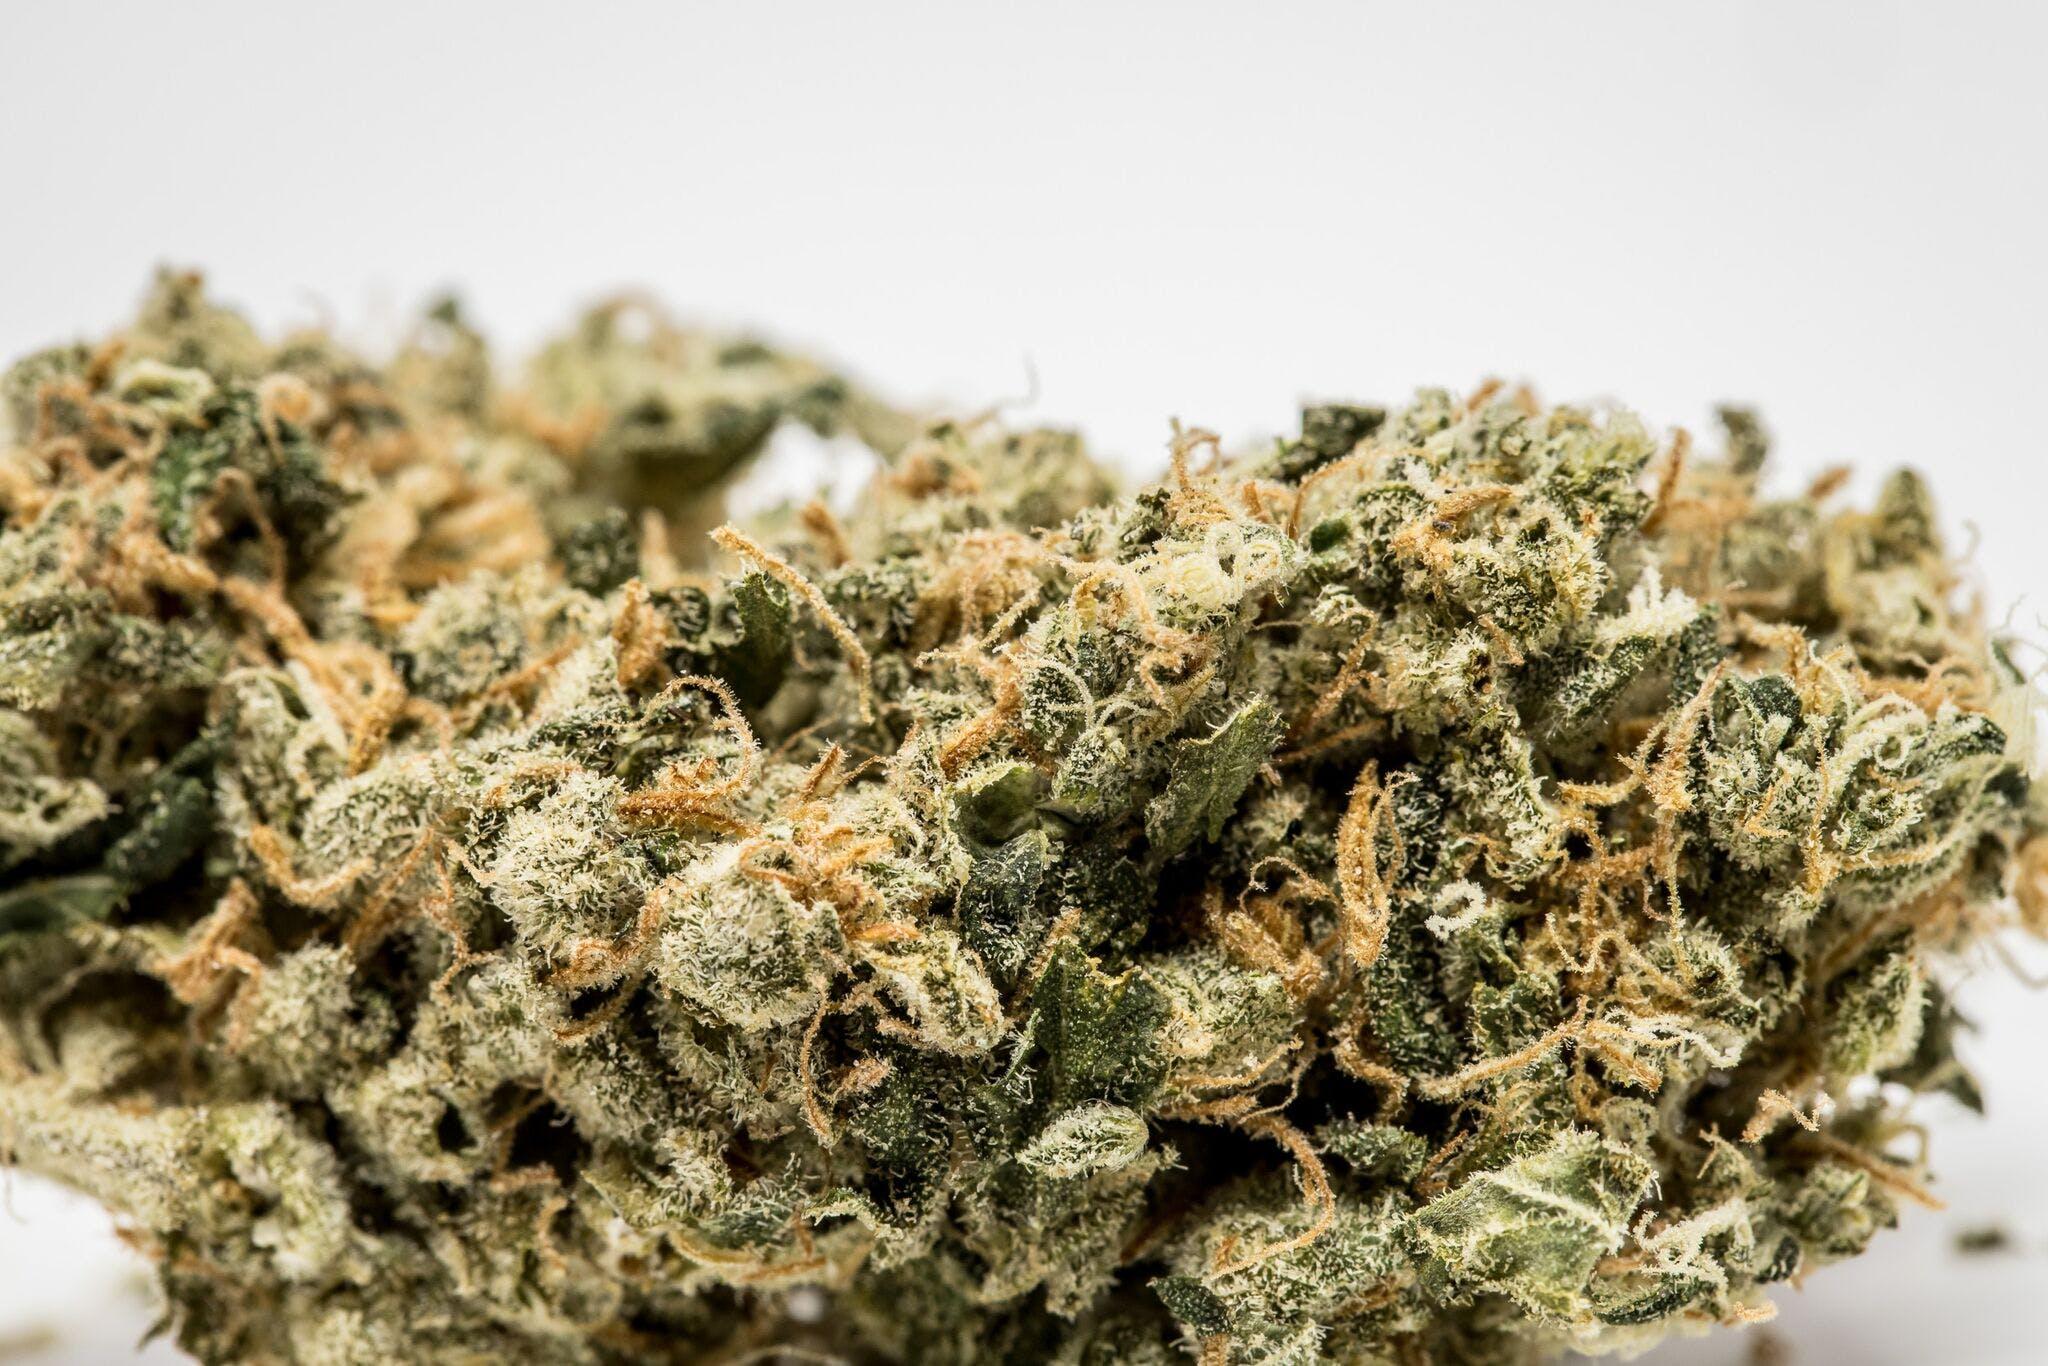 Church OG Weed; Church OG Cannabis Strain, Church OG Indica Marijuana Strain